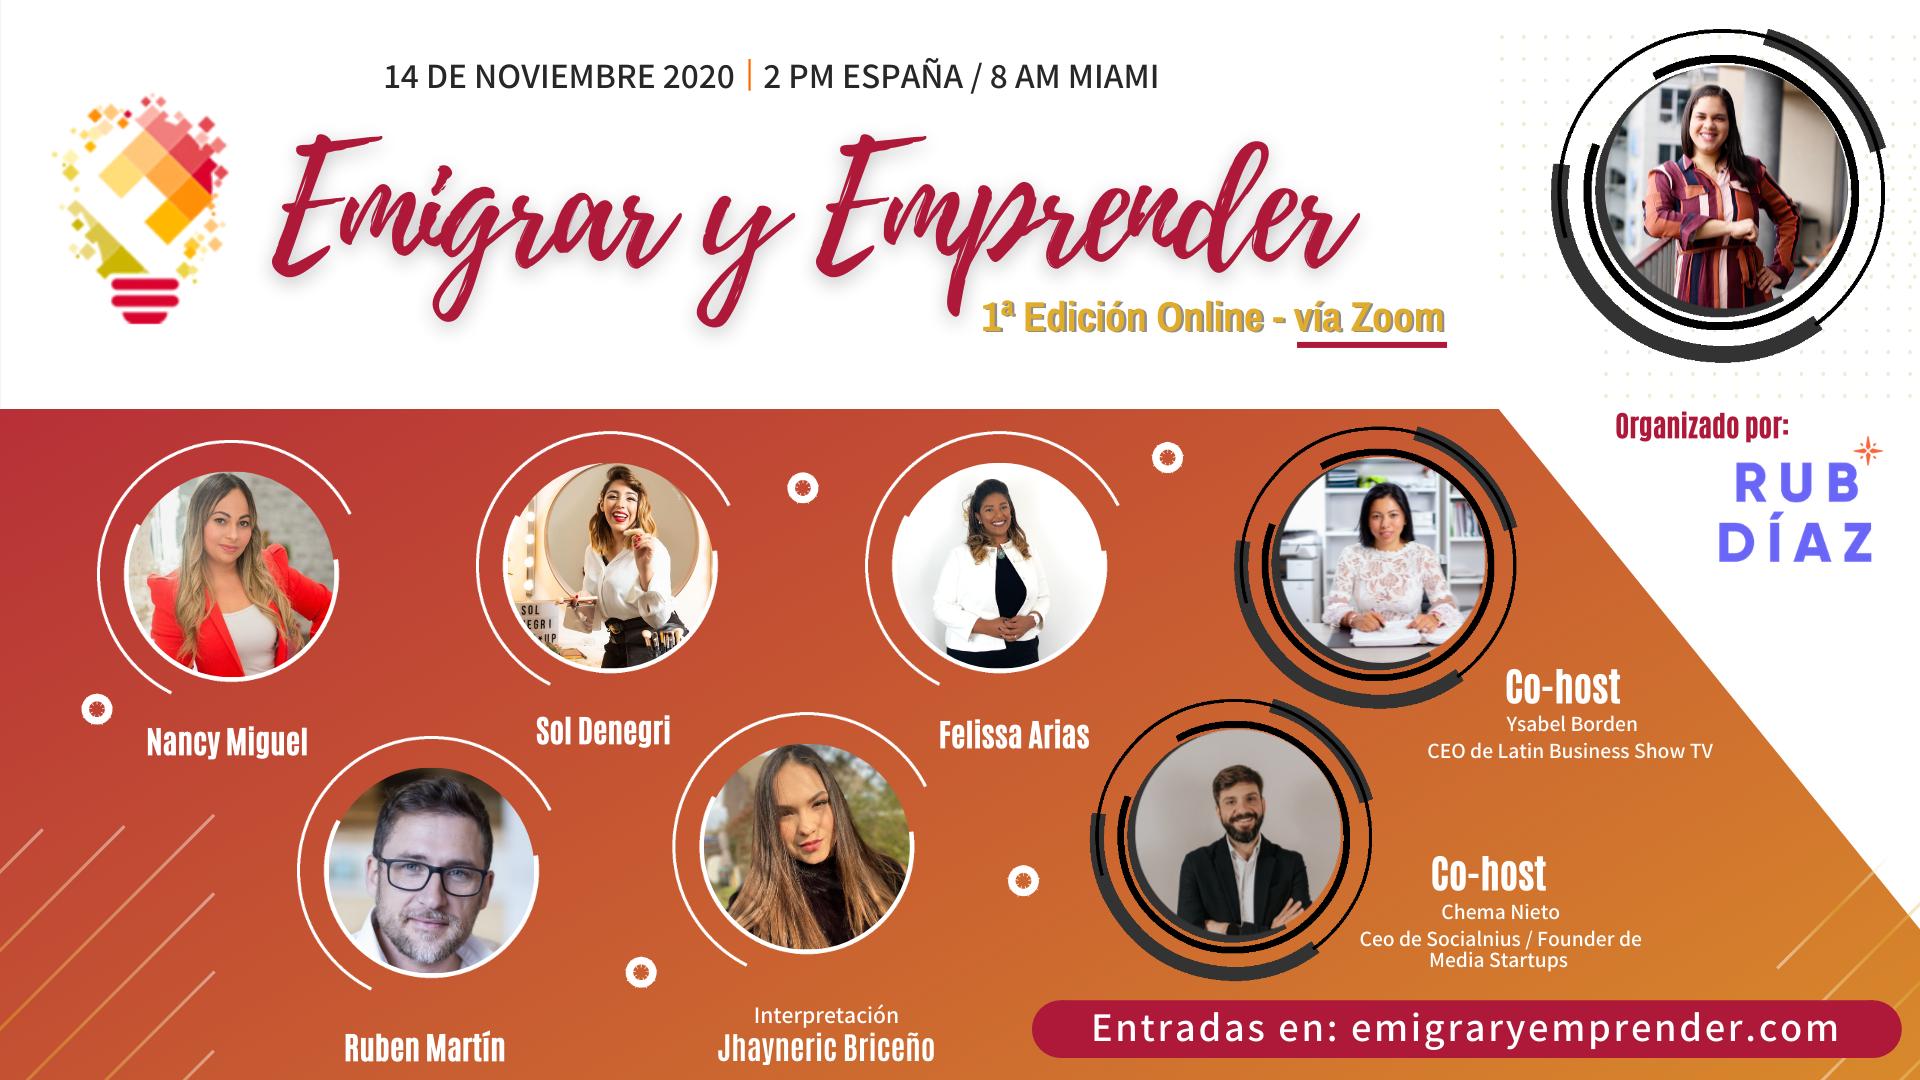 «Emigrar y Emprender» reúne a emprendedores de todo el mundo en su primera edición Online